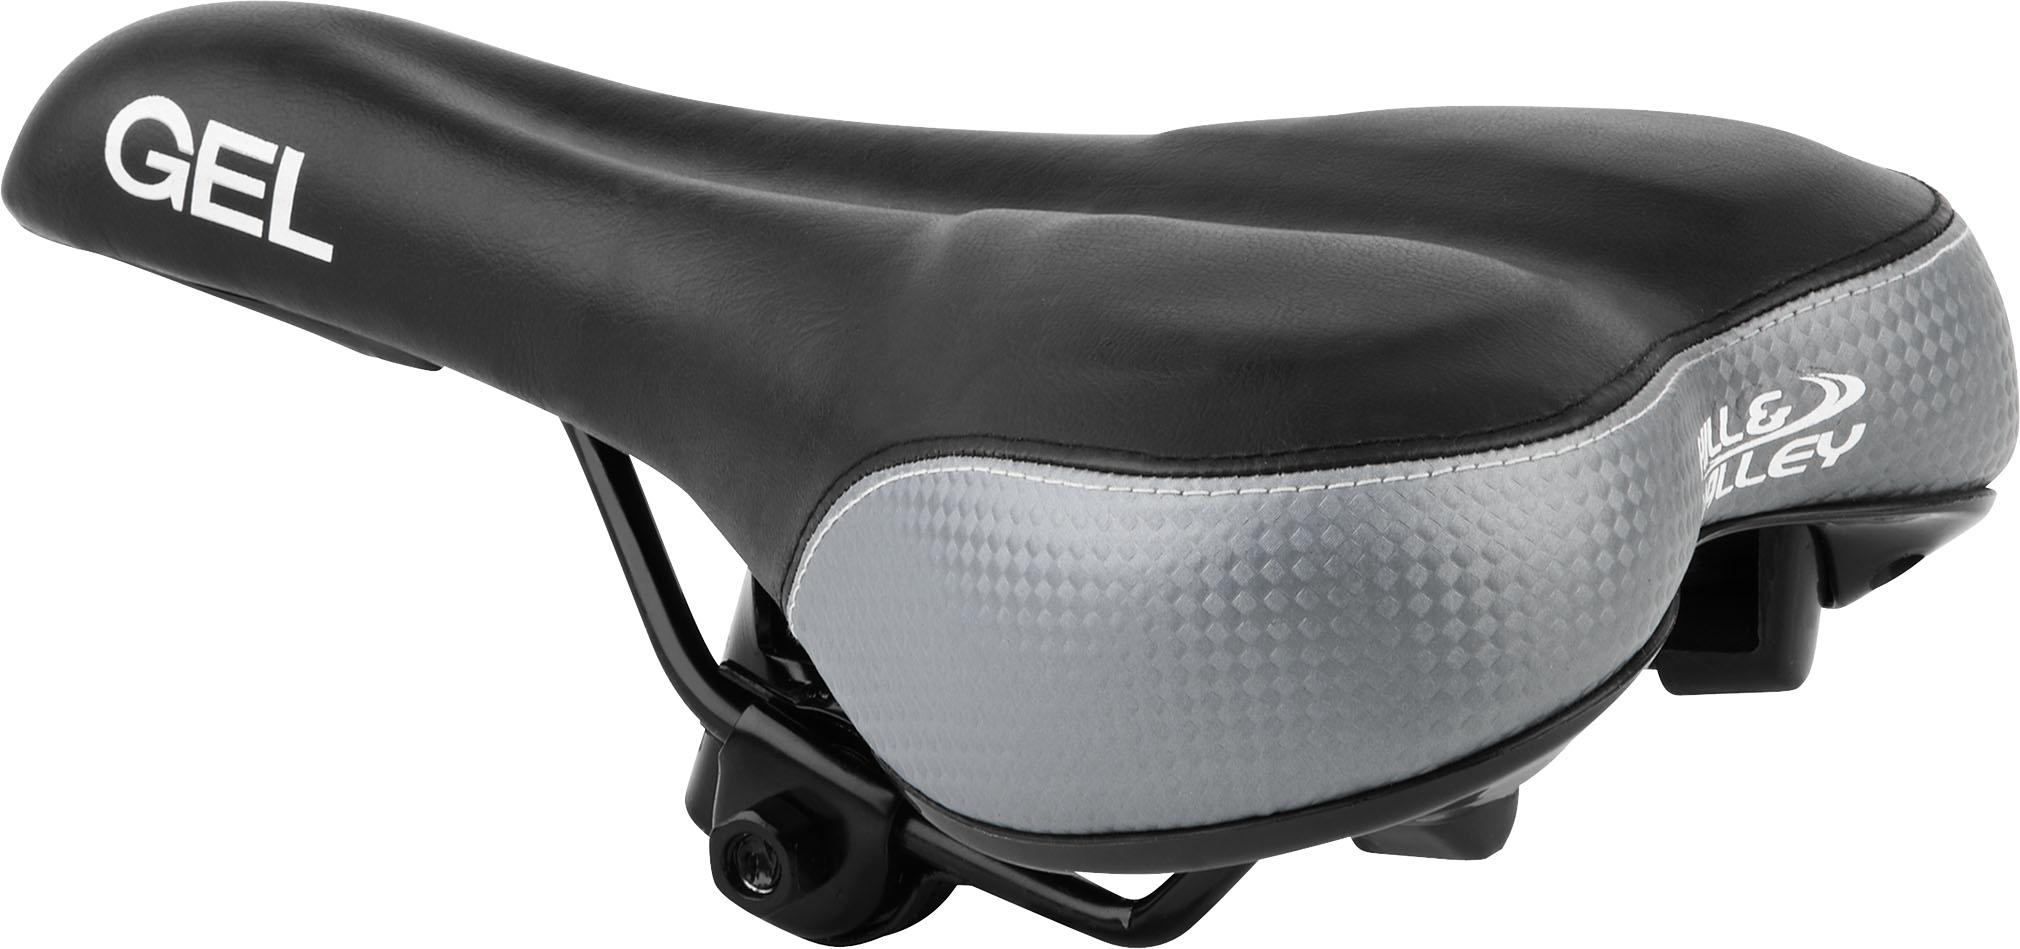 [Kaufland] Fahrradsattel (für MTB, Cityrad, Trekking) bis 05.04